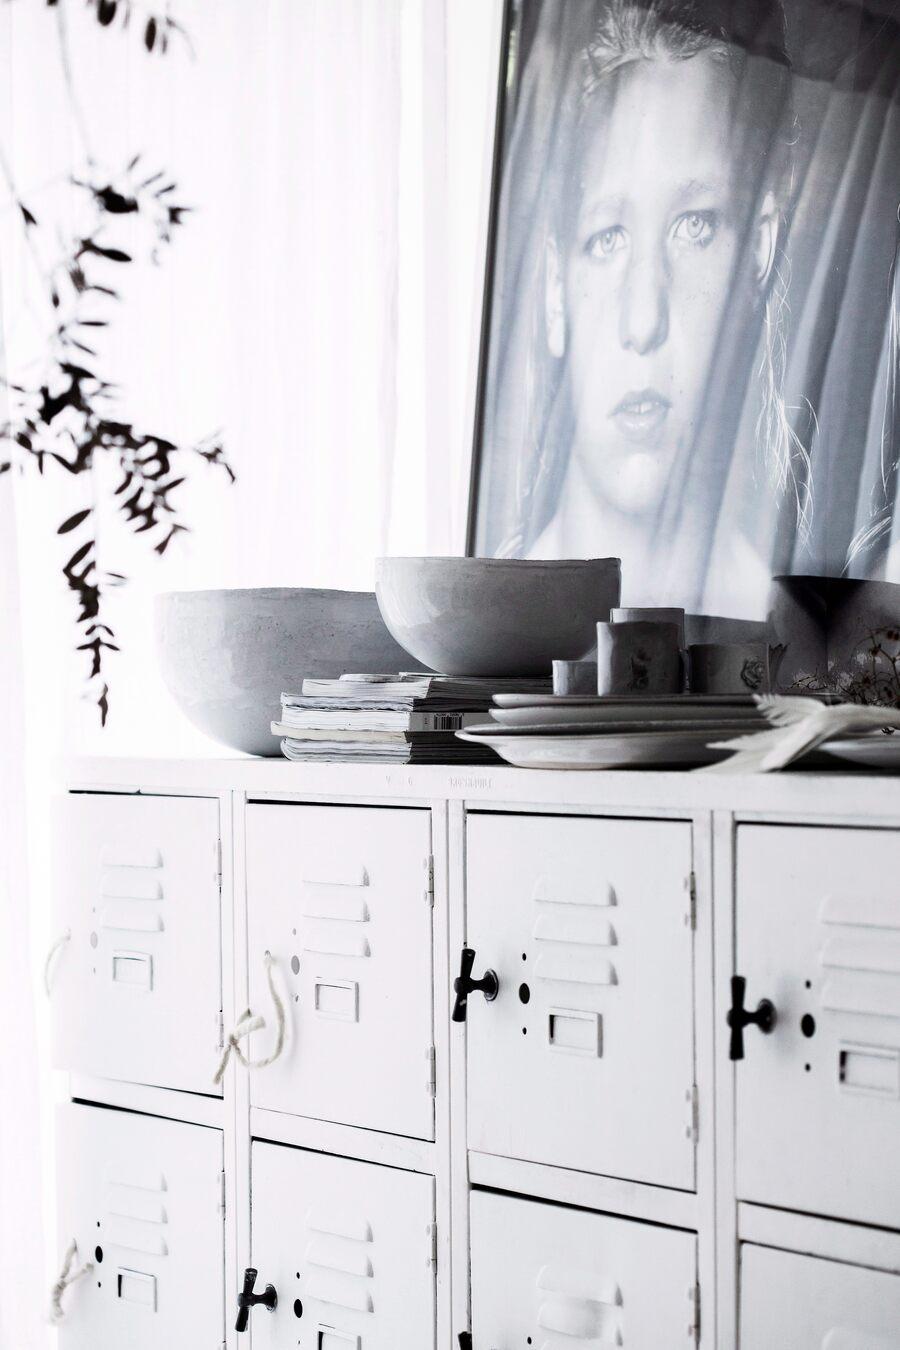 Mueble blanco estilo industrial y cerámicas